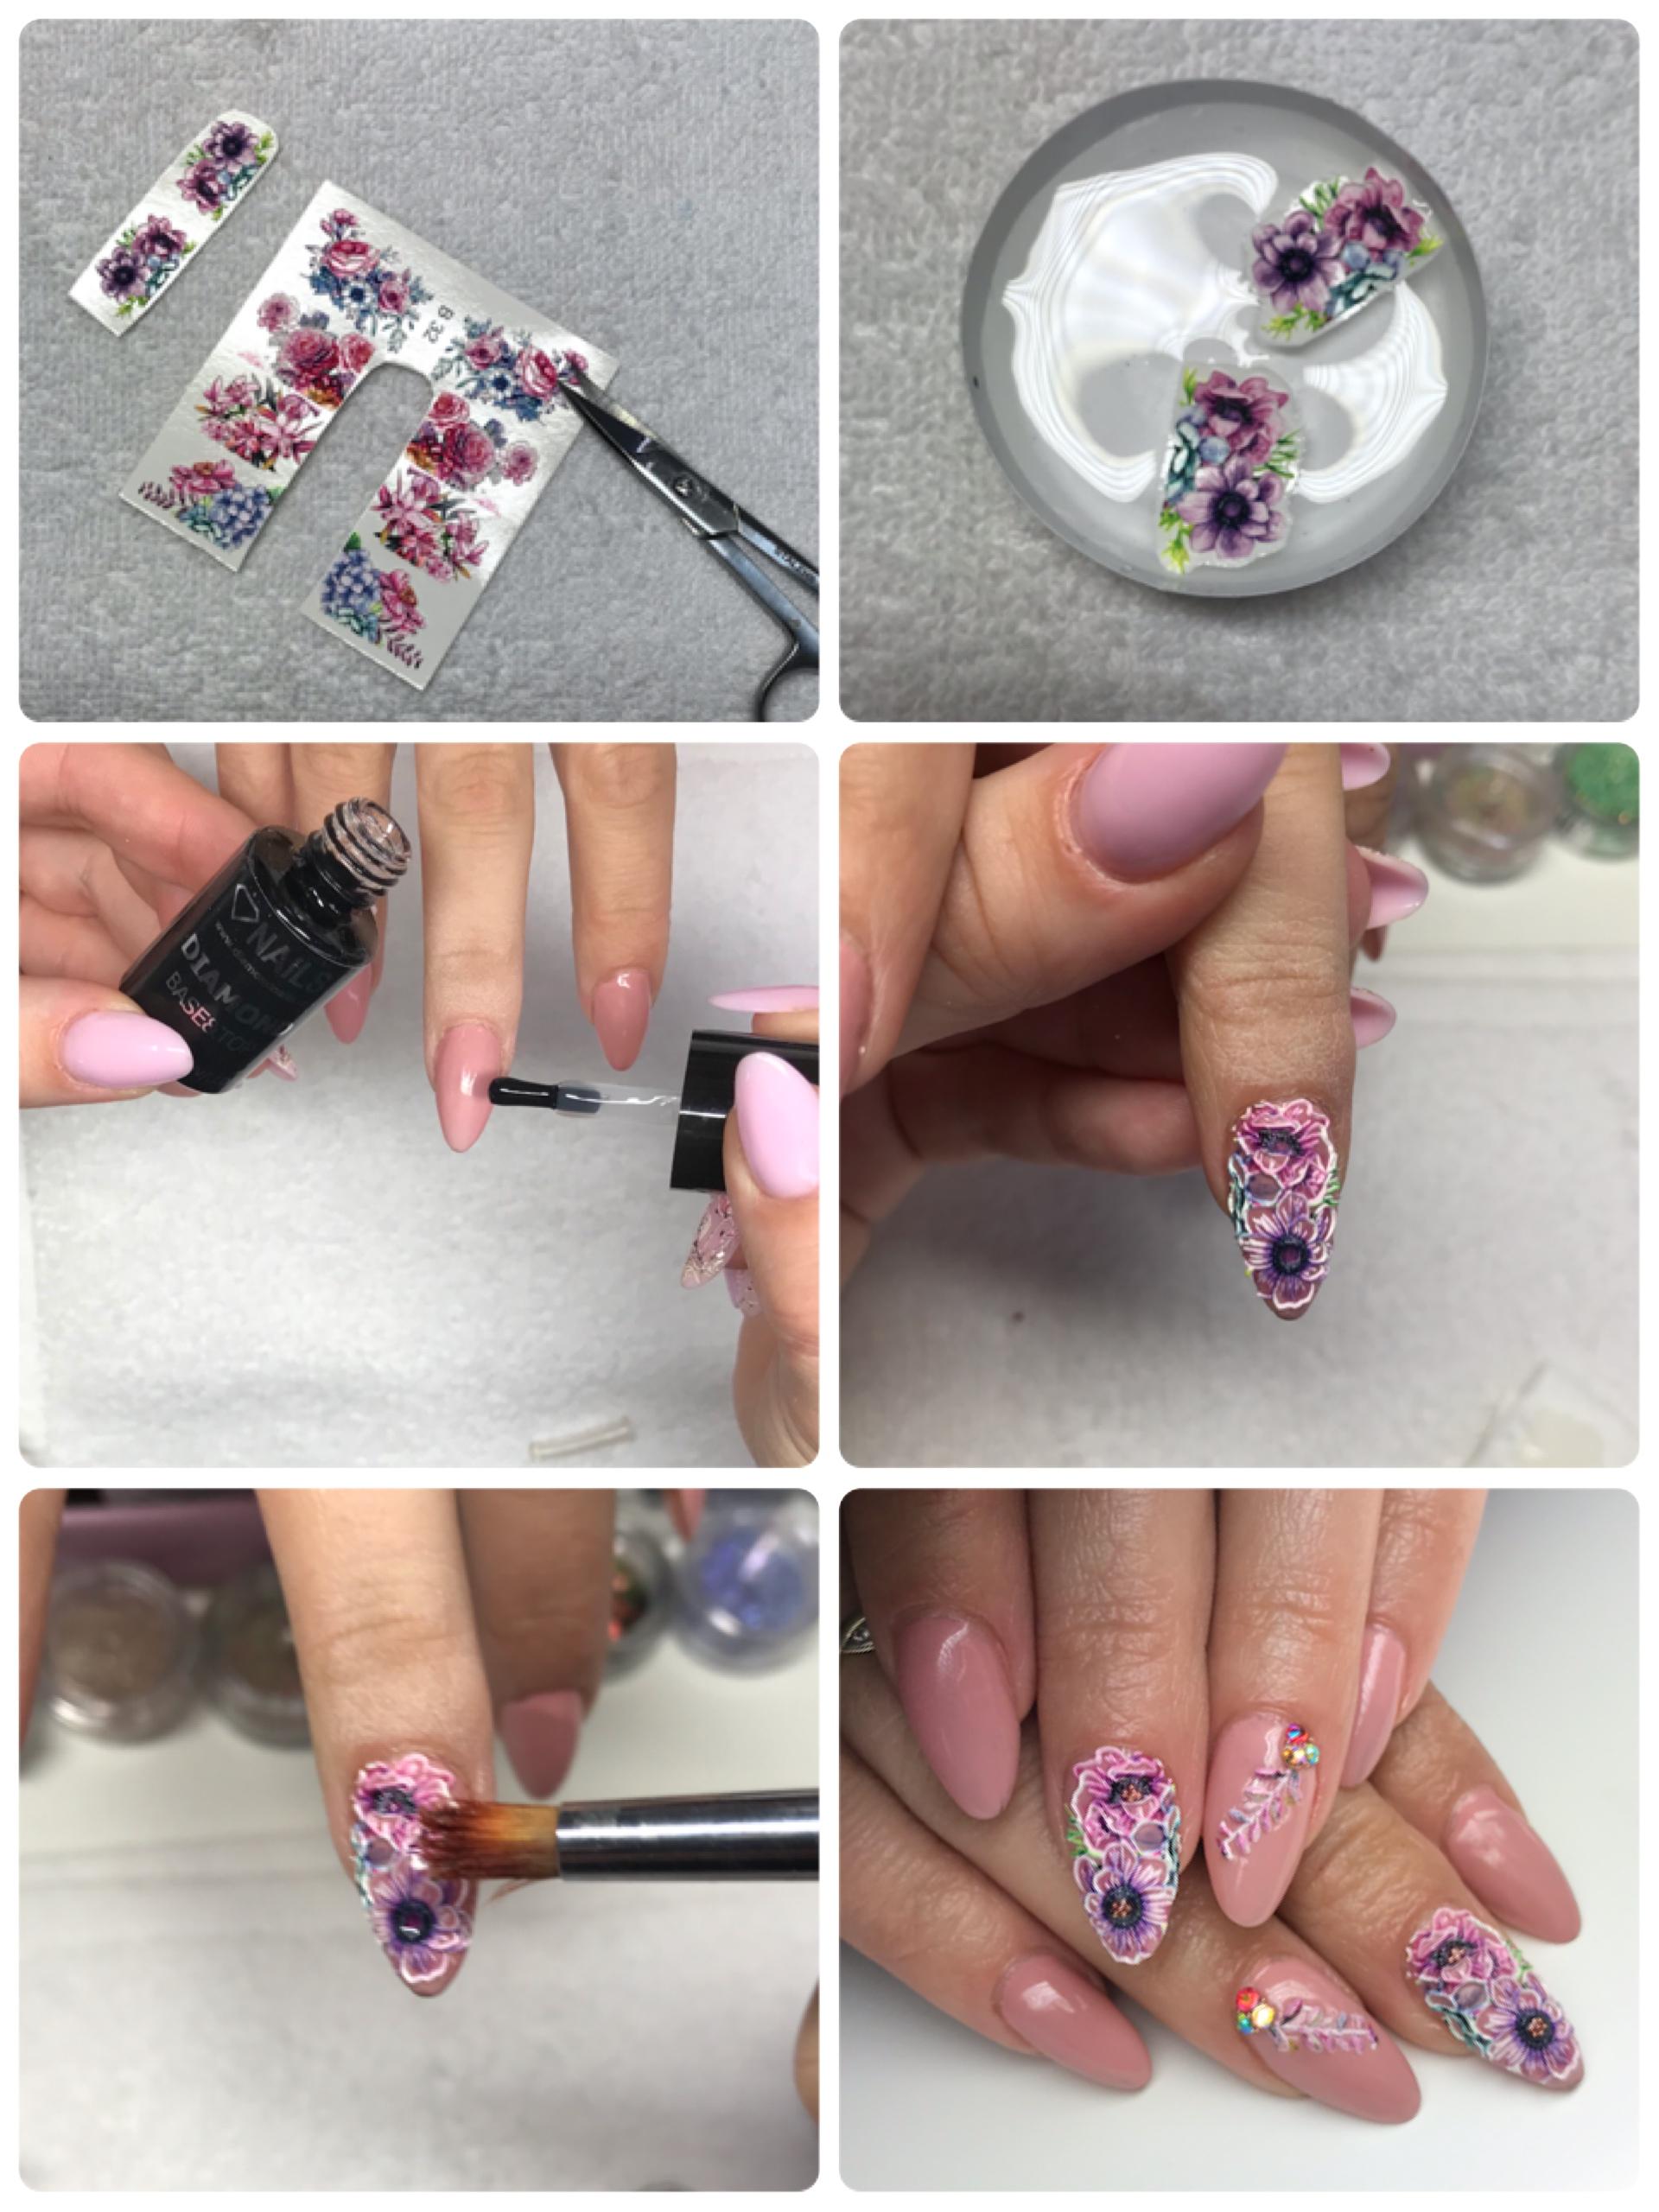 Diamondnails Nail Art Shop Prodej Luxusnich Ozdob A Pomucek Na Nehty